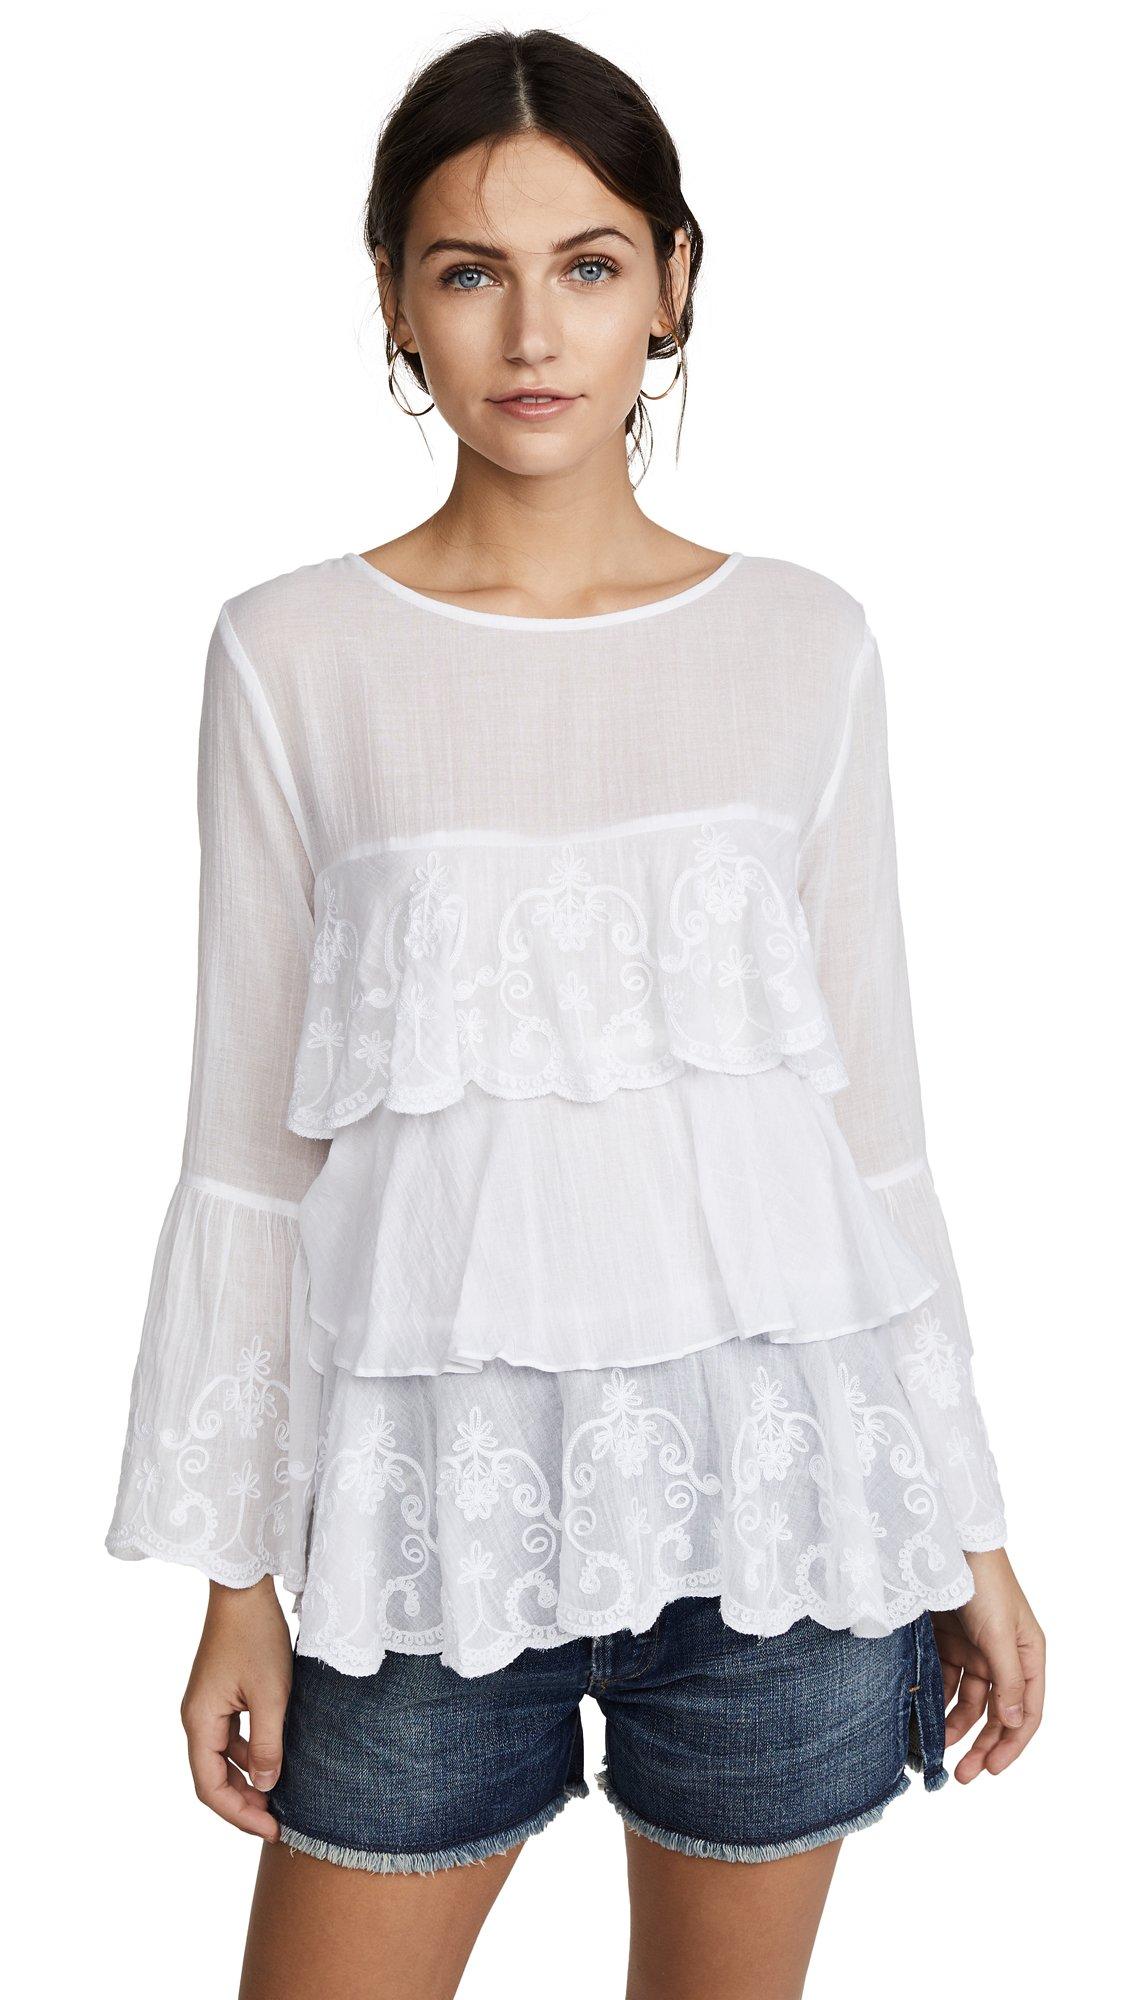 OndadeMar Women's Whites Blouse, White, Small